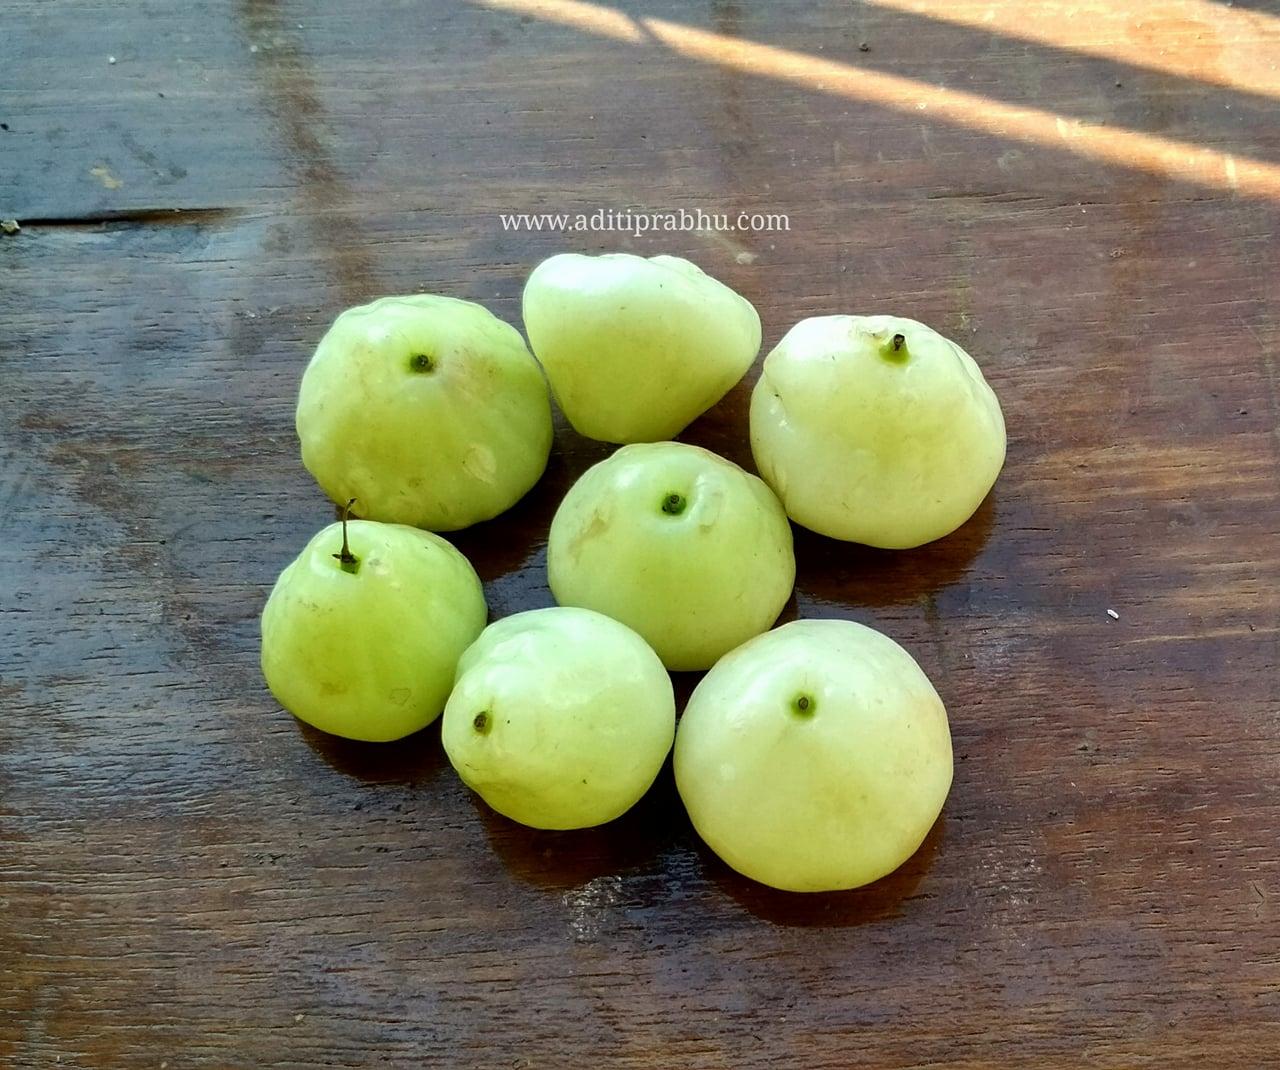 Java apples / Rose apples ( Summer Fruit ) - Nutritionist Aditi Prabhu